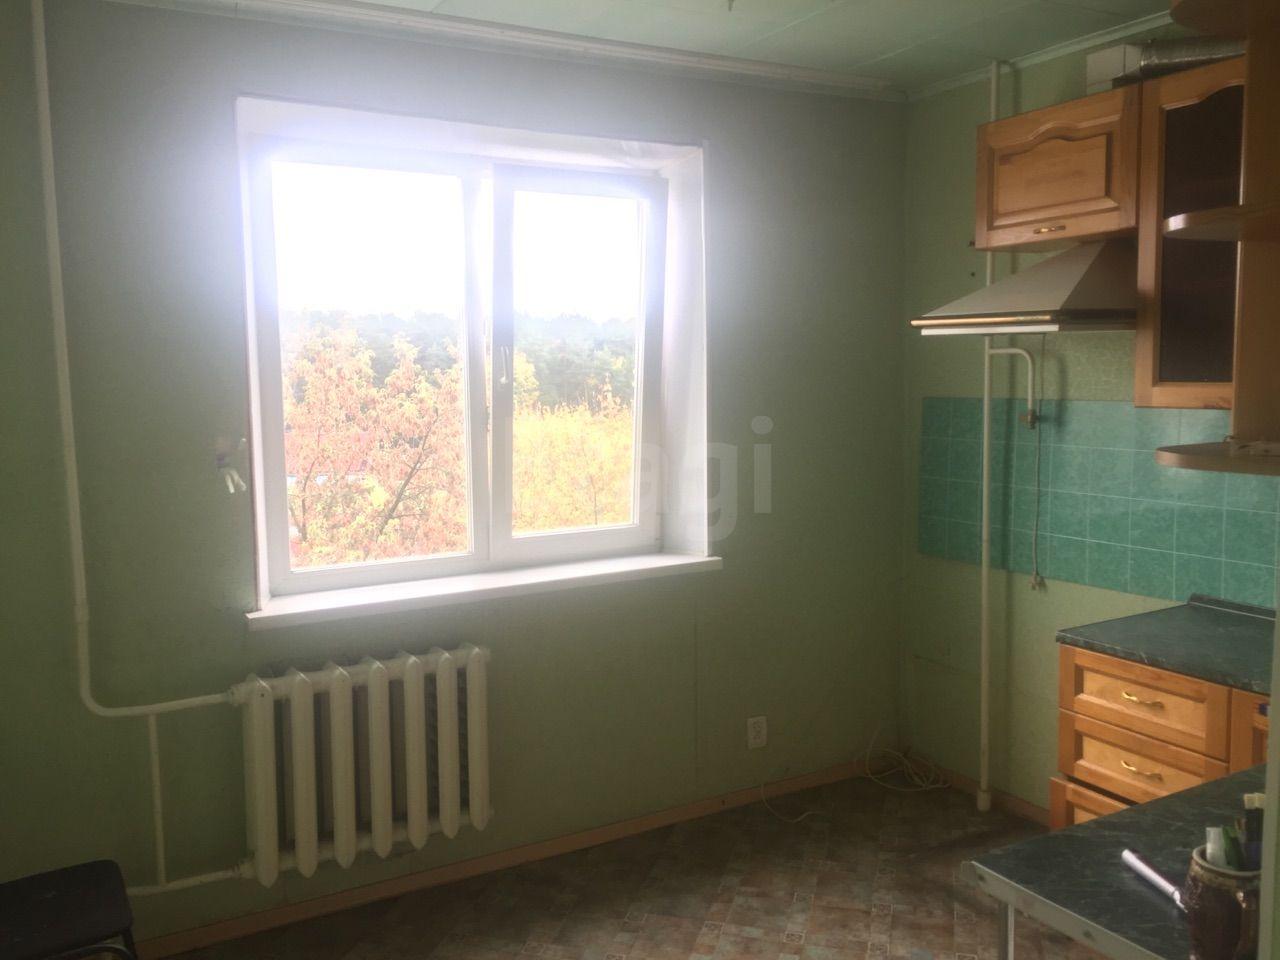 Муром, Кленовая, 34, 1-к. квартира на продажу